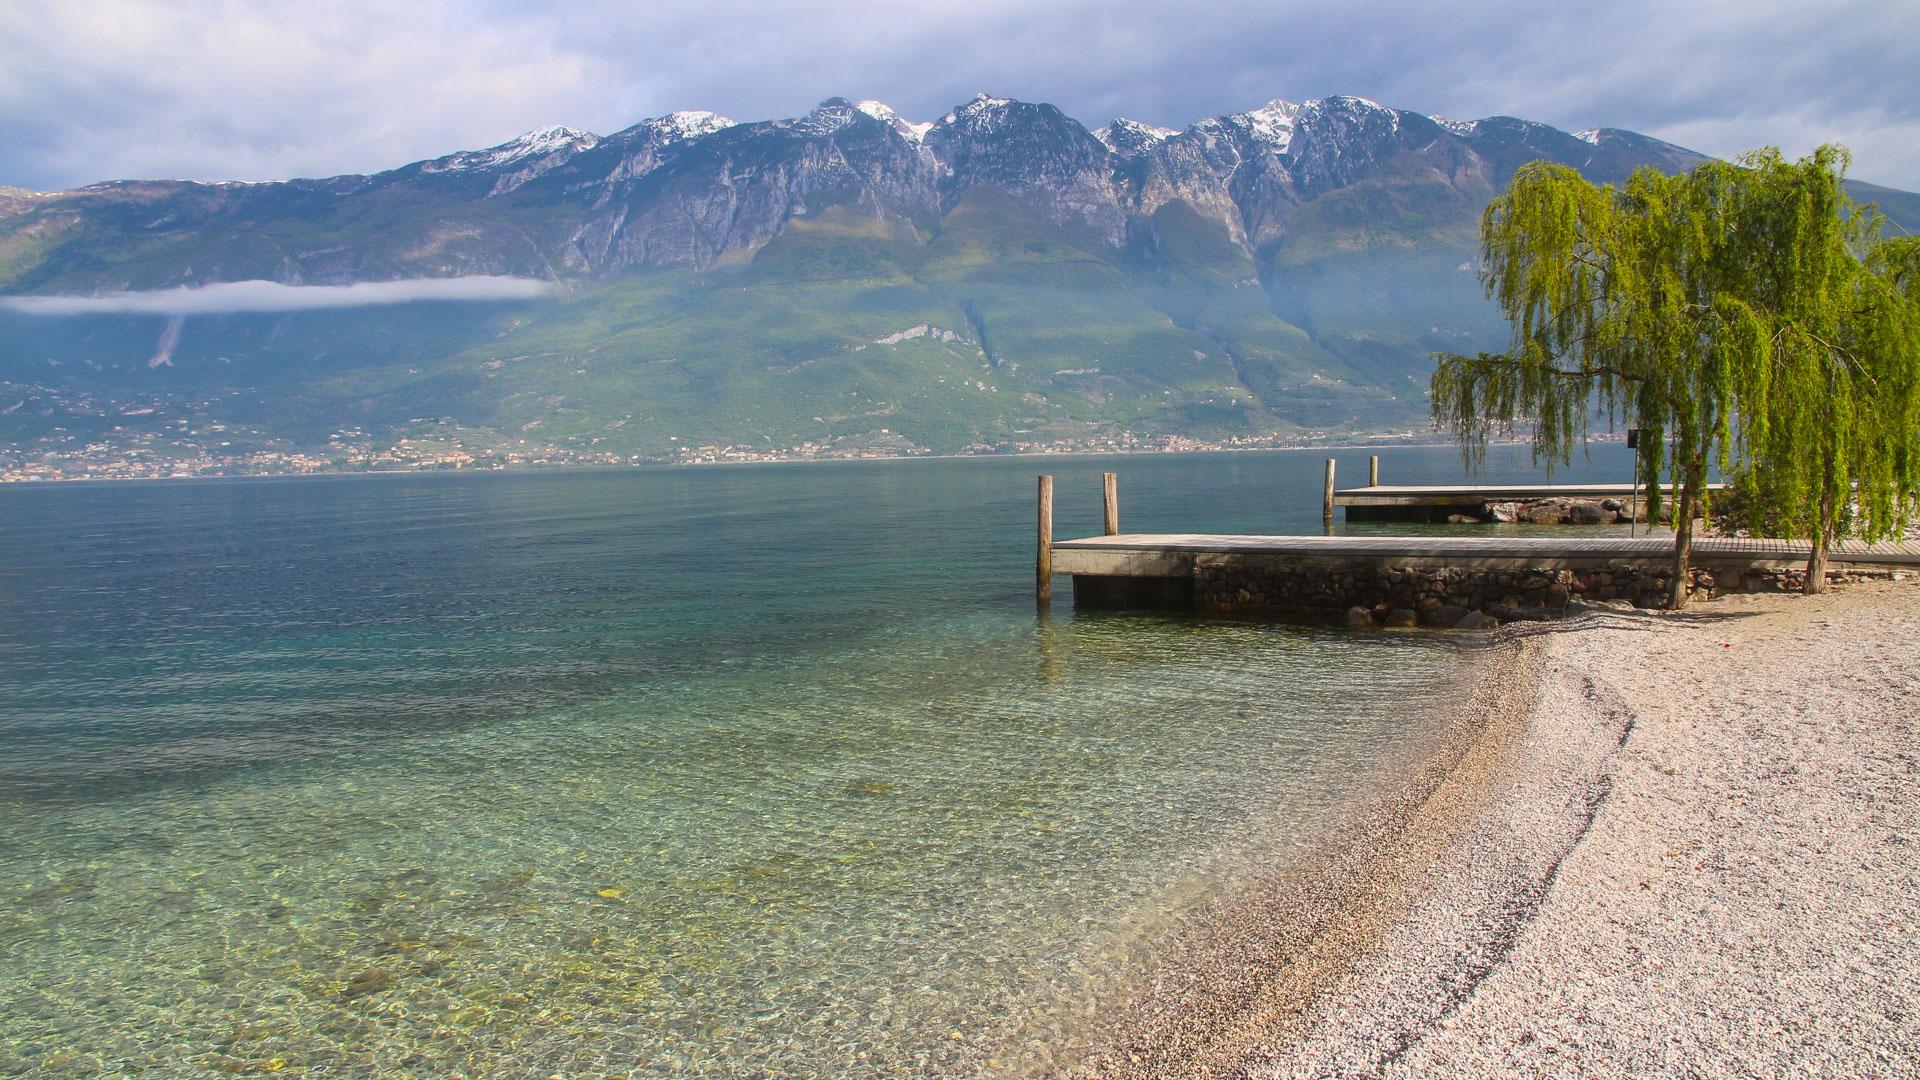 des lacs mature singles L'espace consacré à la minéralogie au musée des confluences de lyon  occupées par des lacs ou des rivières  l'existenced'uneroche-mère,mature.